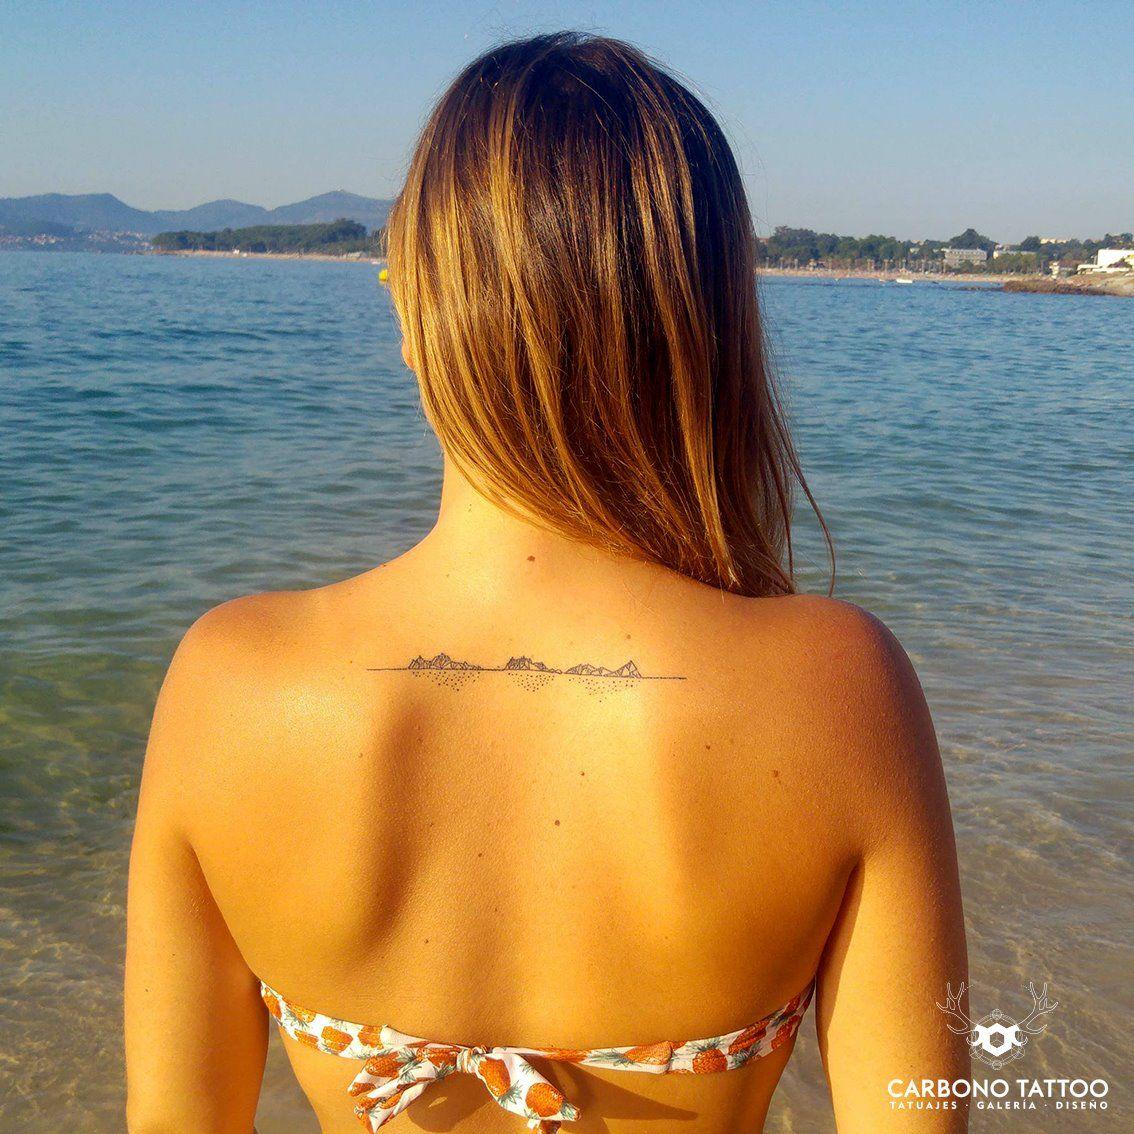 Islas Cíes geométricas// Miguel Castro (Carbono Tattoo)